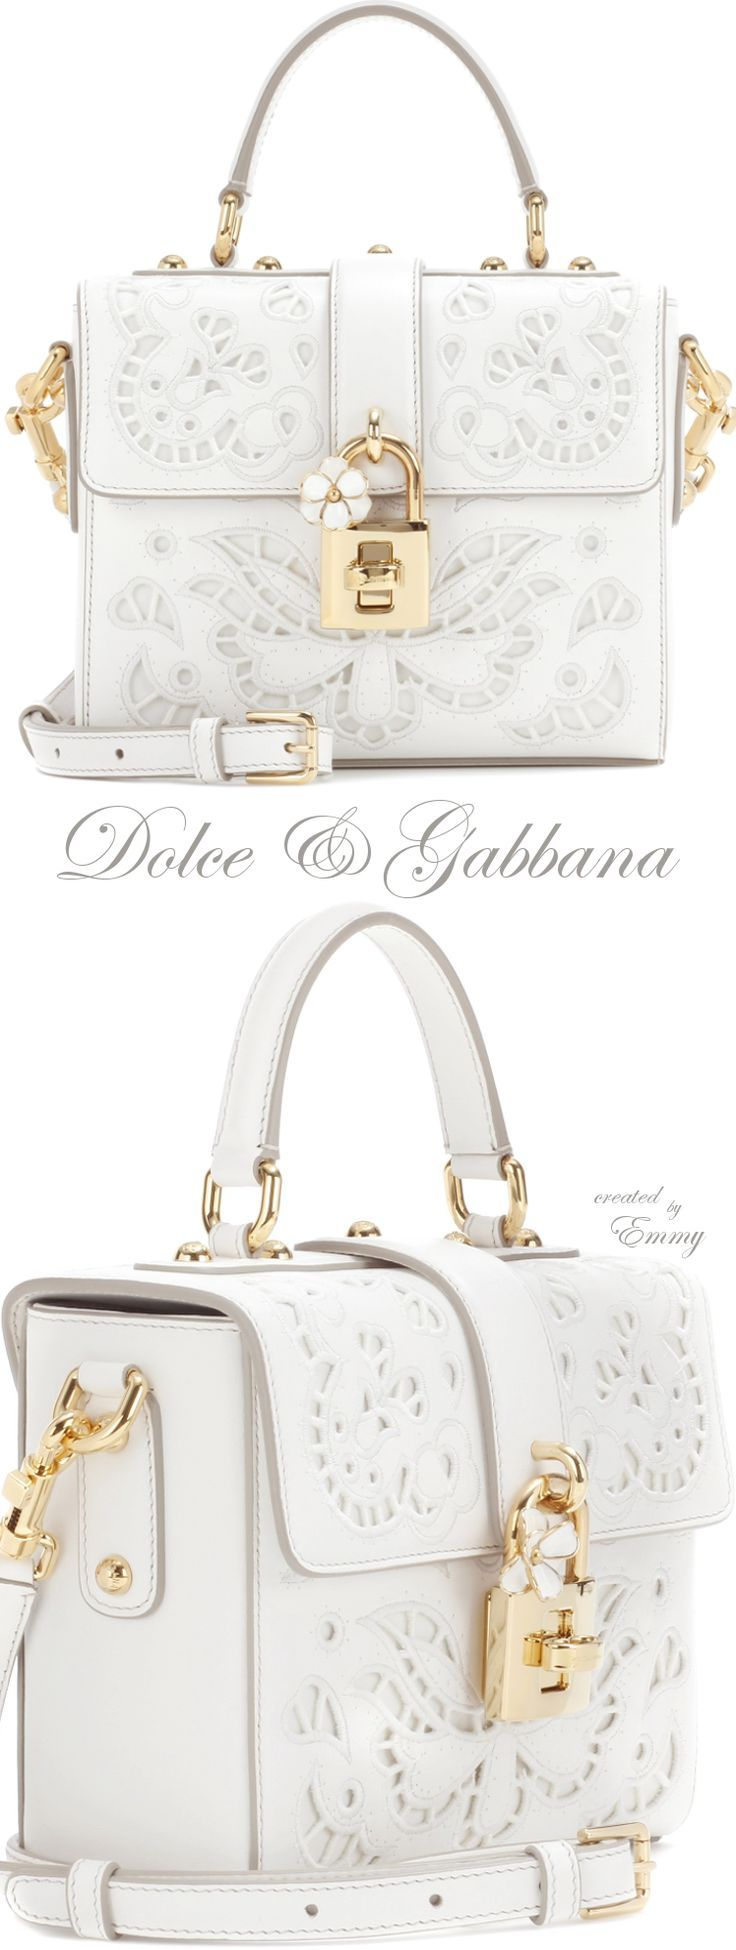 Emmy DE * Dolce & Gabbana Dolce Soft leather shoulder bag